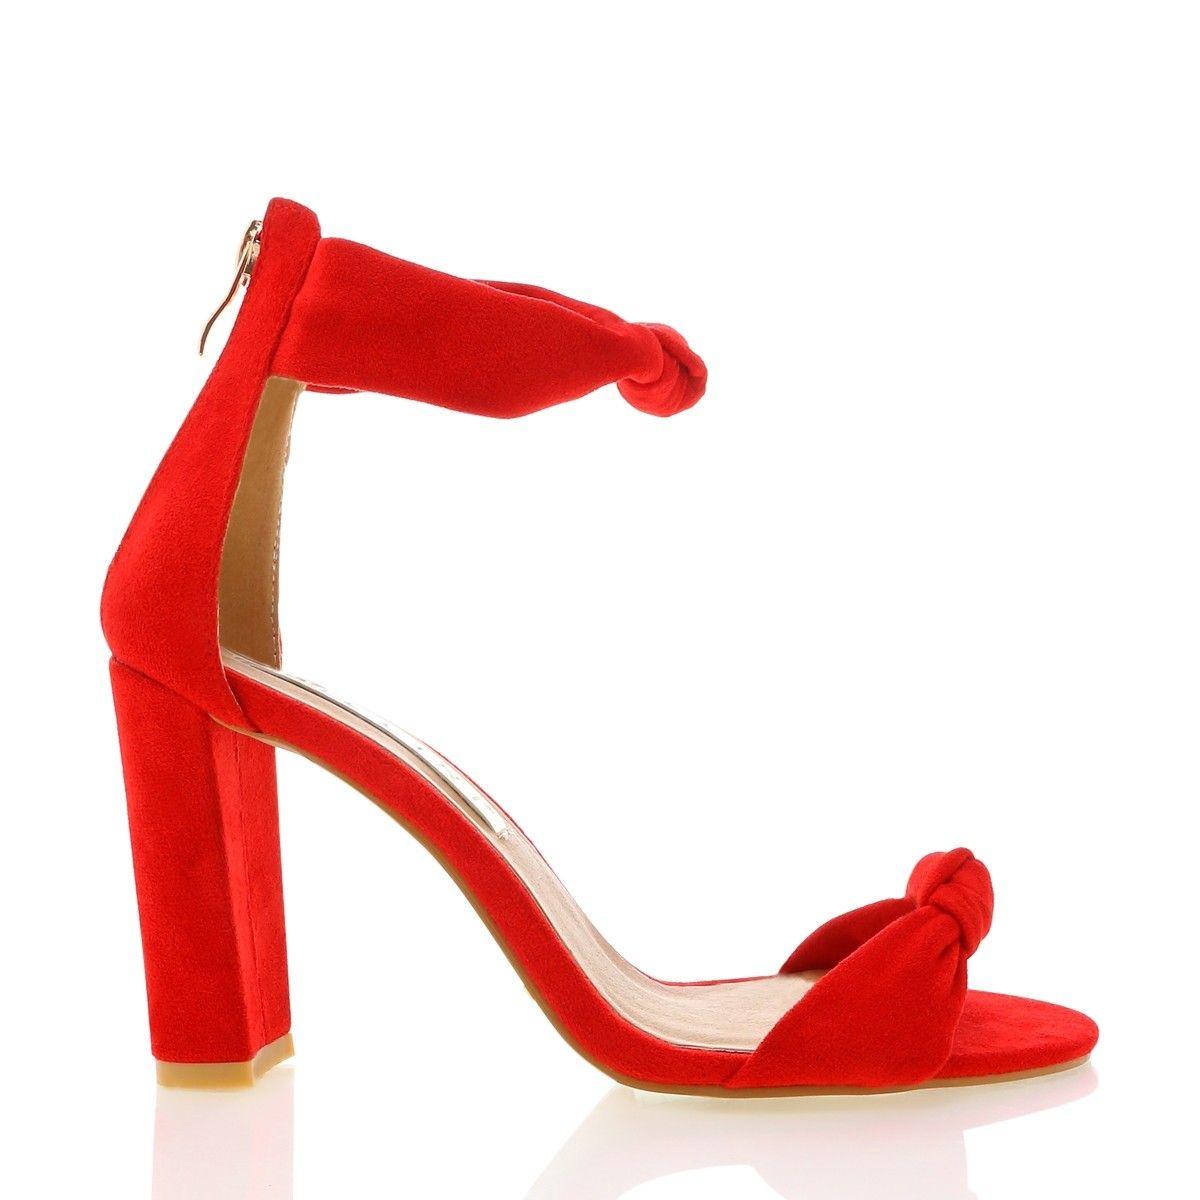 97583a93226 Galera red suede in 2019 | SHOP NEW ARRIVALS | Heels, Block heels ...